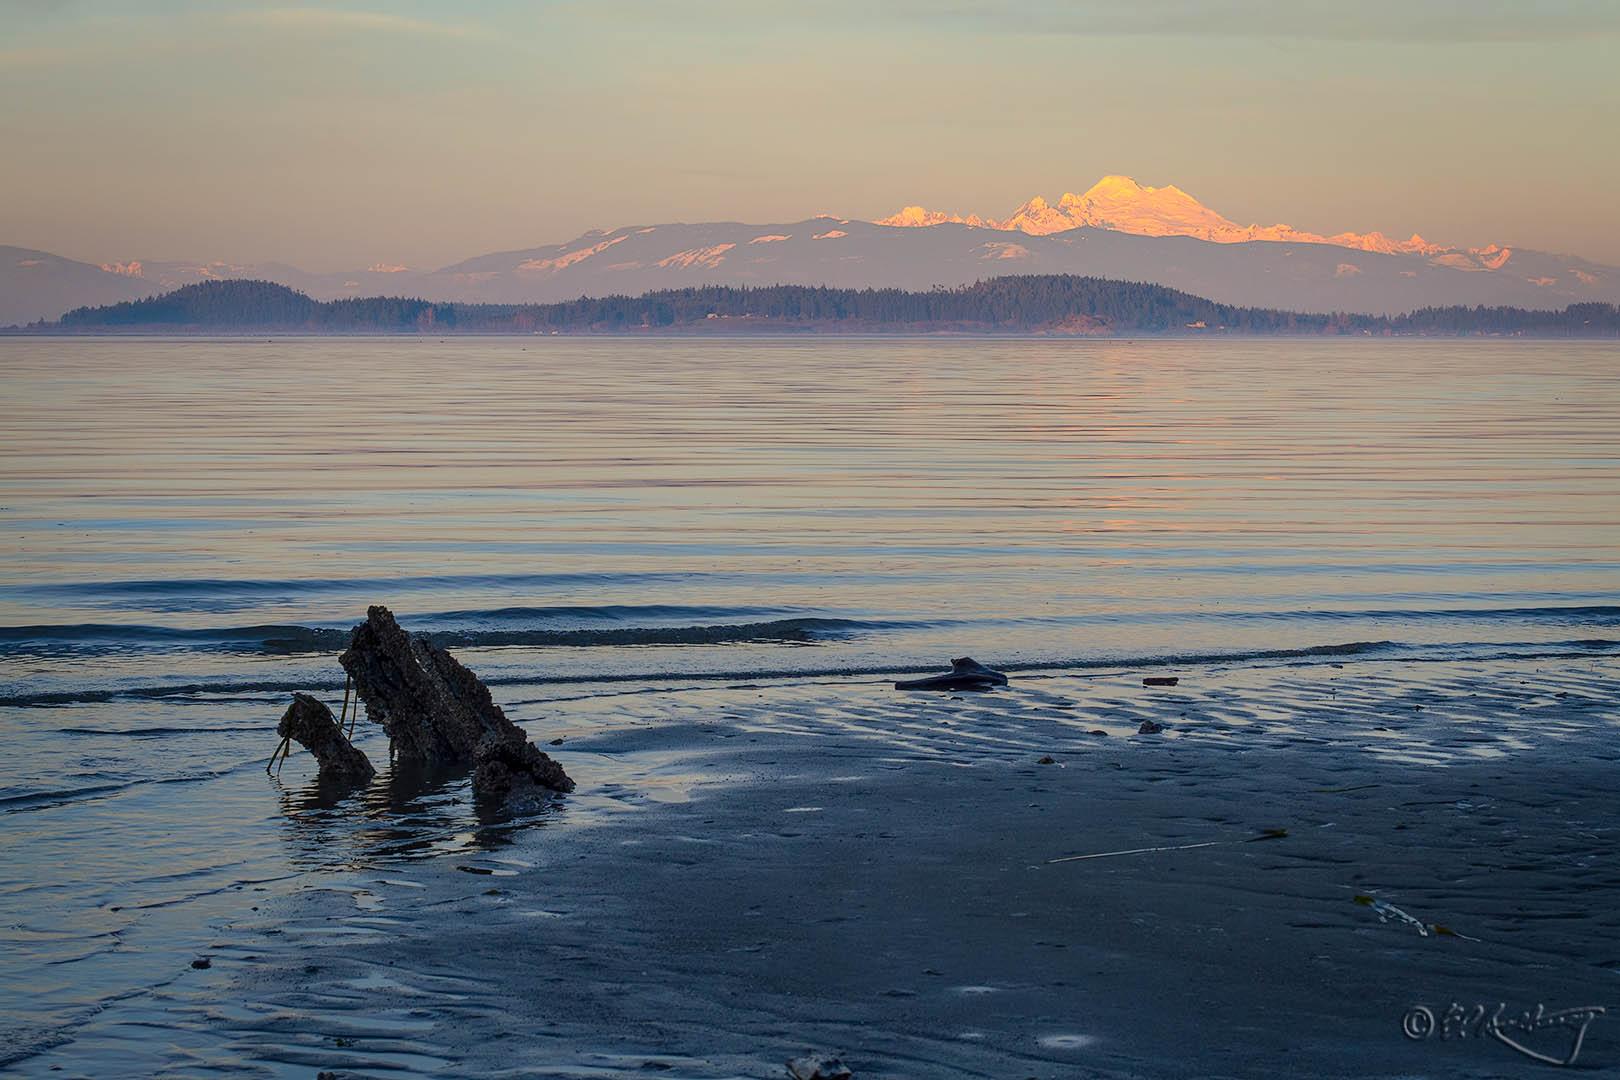 Mount_Baker_sunset-c48